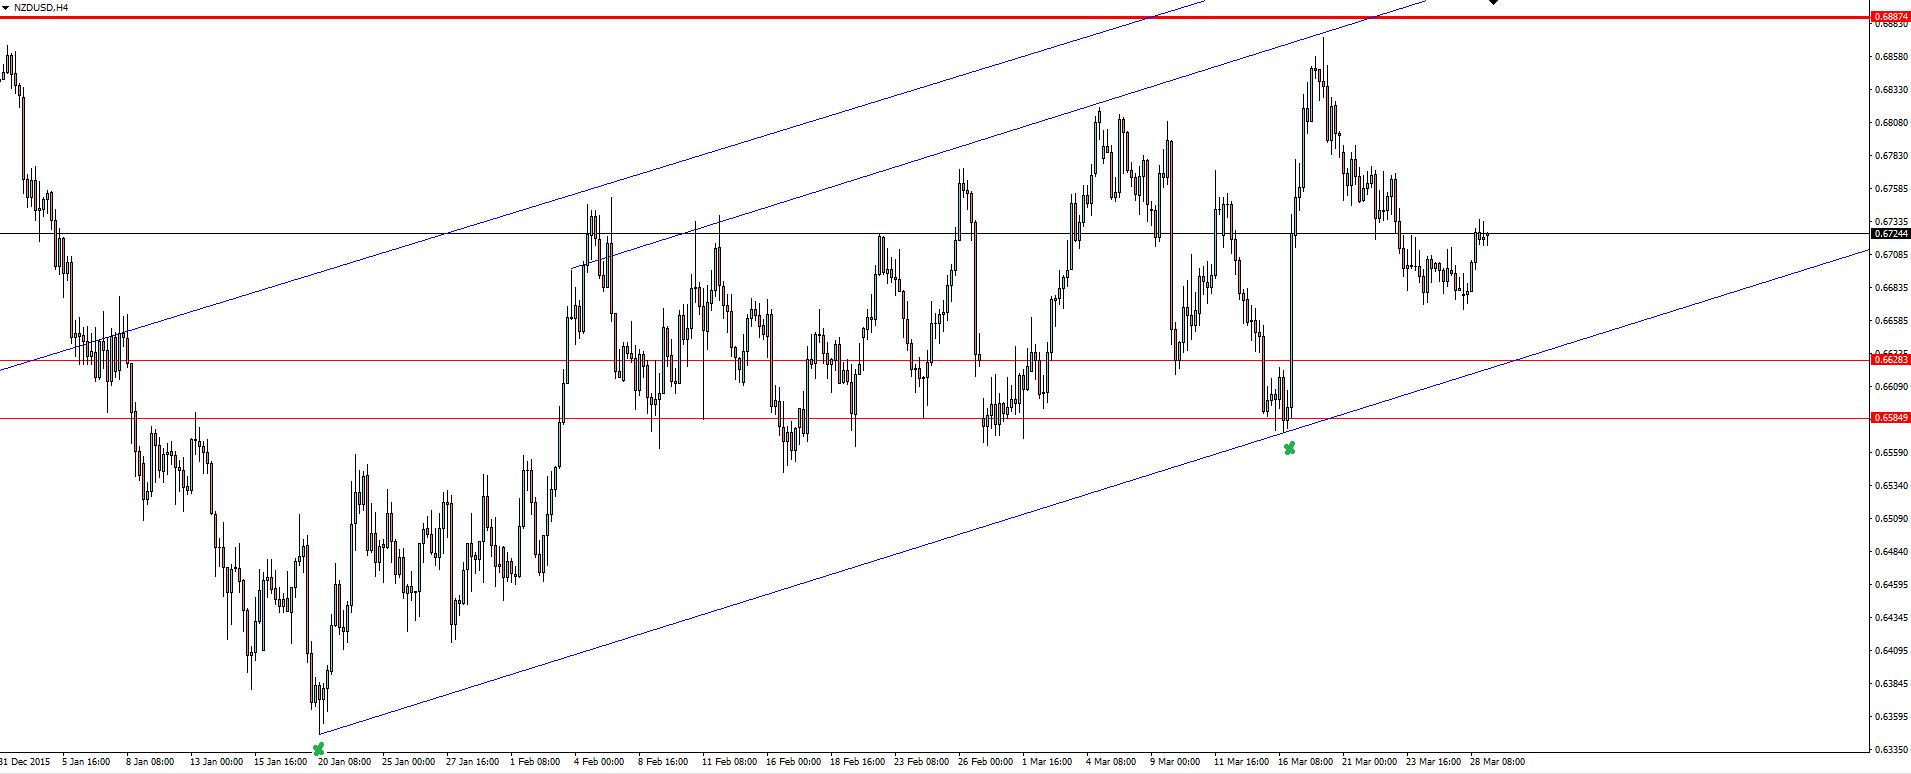 NZD/USD 4 Hourly